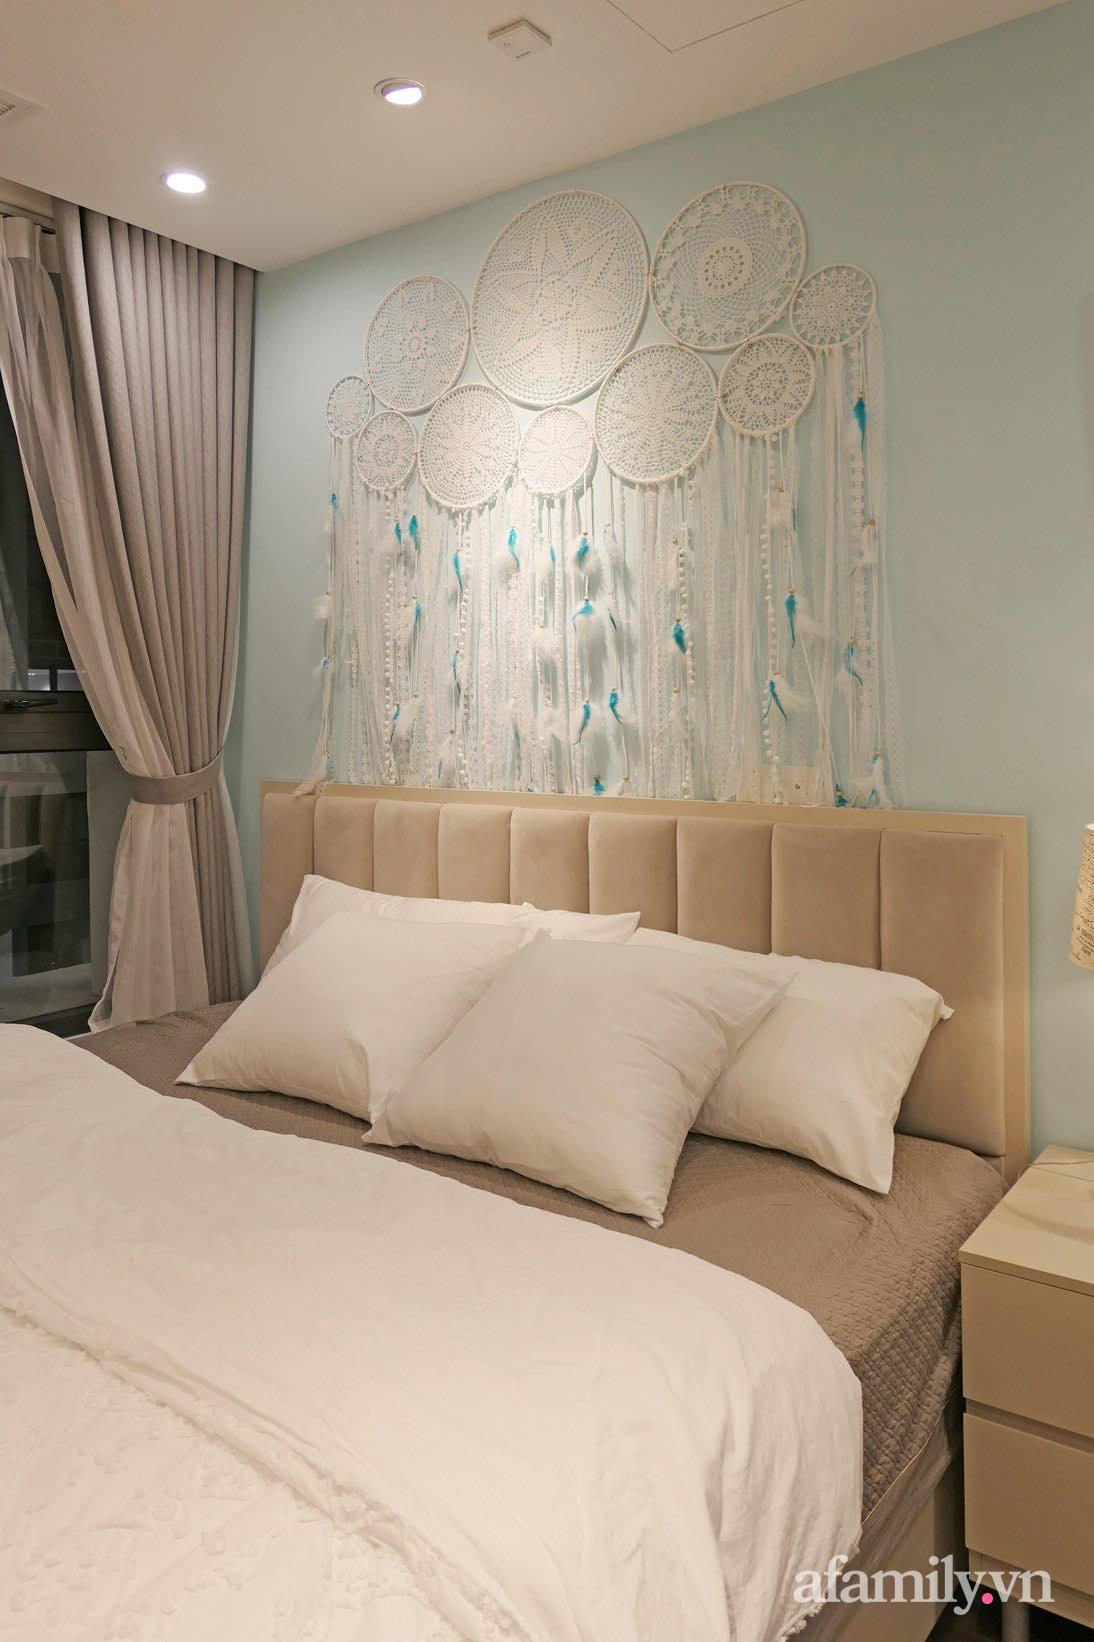 """Căn hộ siêu dễ thương decor theo phong cách Vintage được chủ nhà hoàn thiện """"vội"""" trong 10 ngày ở Hà Nội - Ảnh 20."""